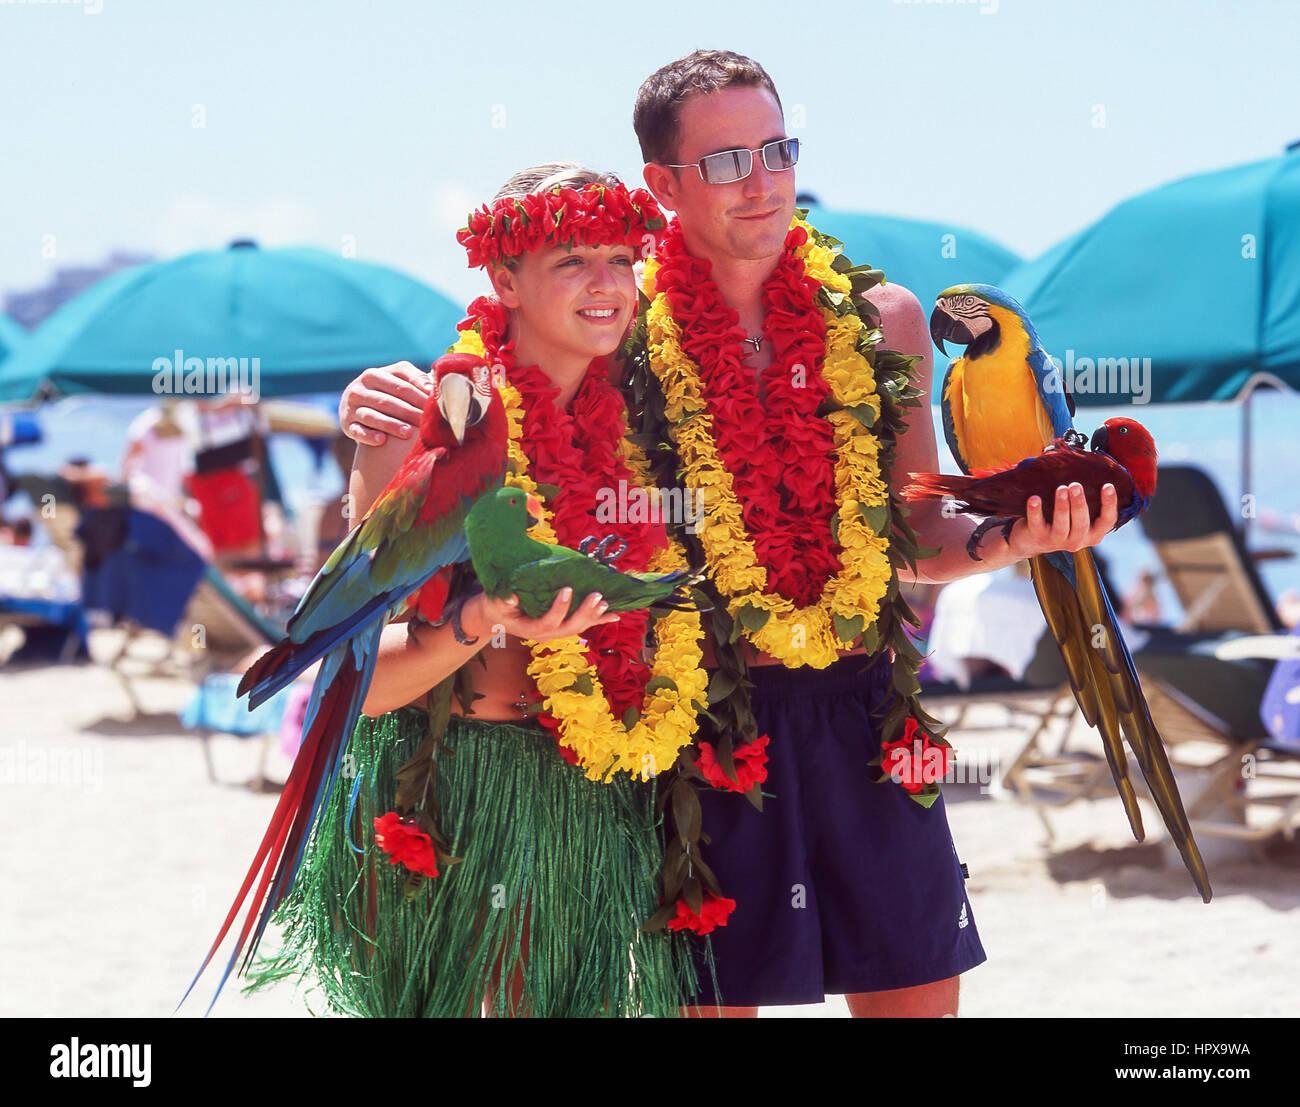 Paar posieren für Fotos mit Ara Papageien, Waikiki Beach, Honolulu, Oahu, Hawaii, Vereinigte Staaten von Amerika Stockbild